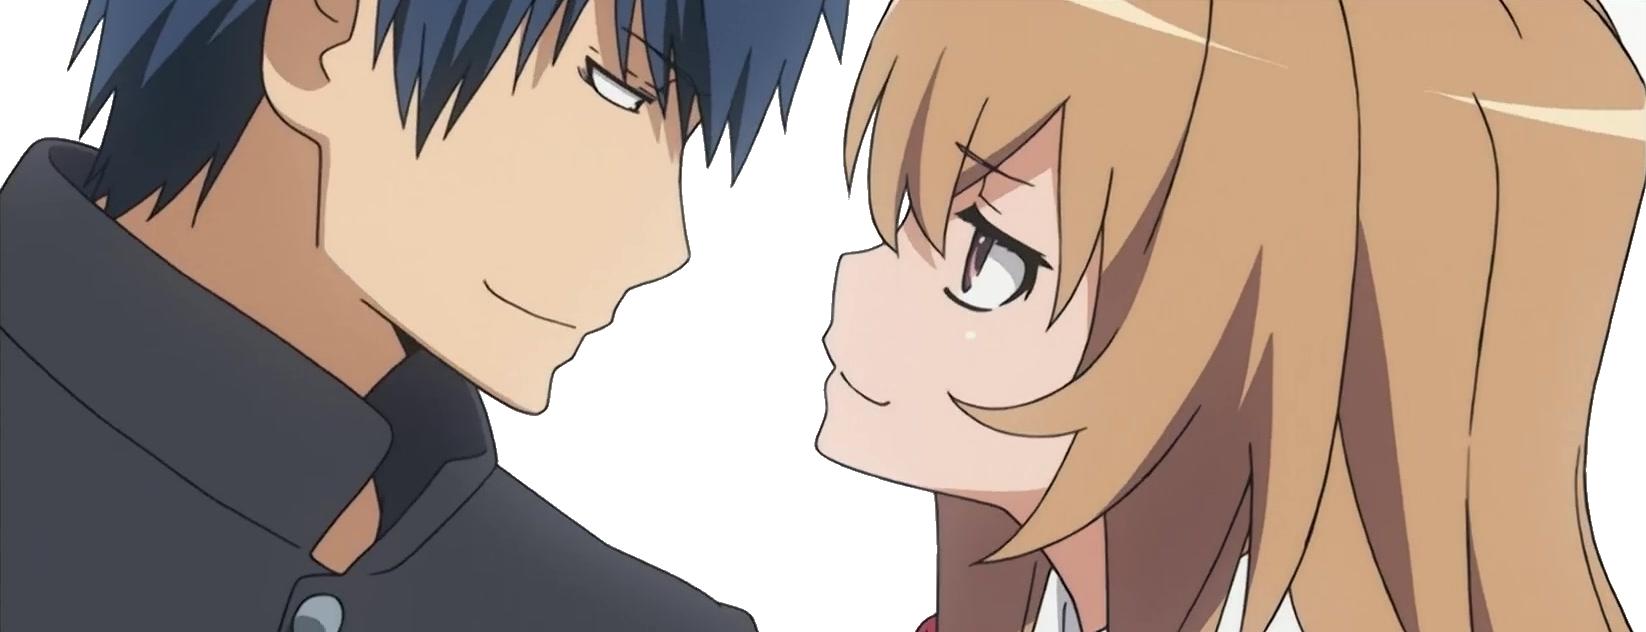 Ryuji Taiga Toradora Tsundere Manga Characters Me Gustas Meme